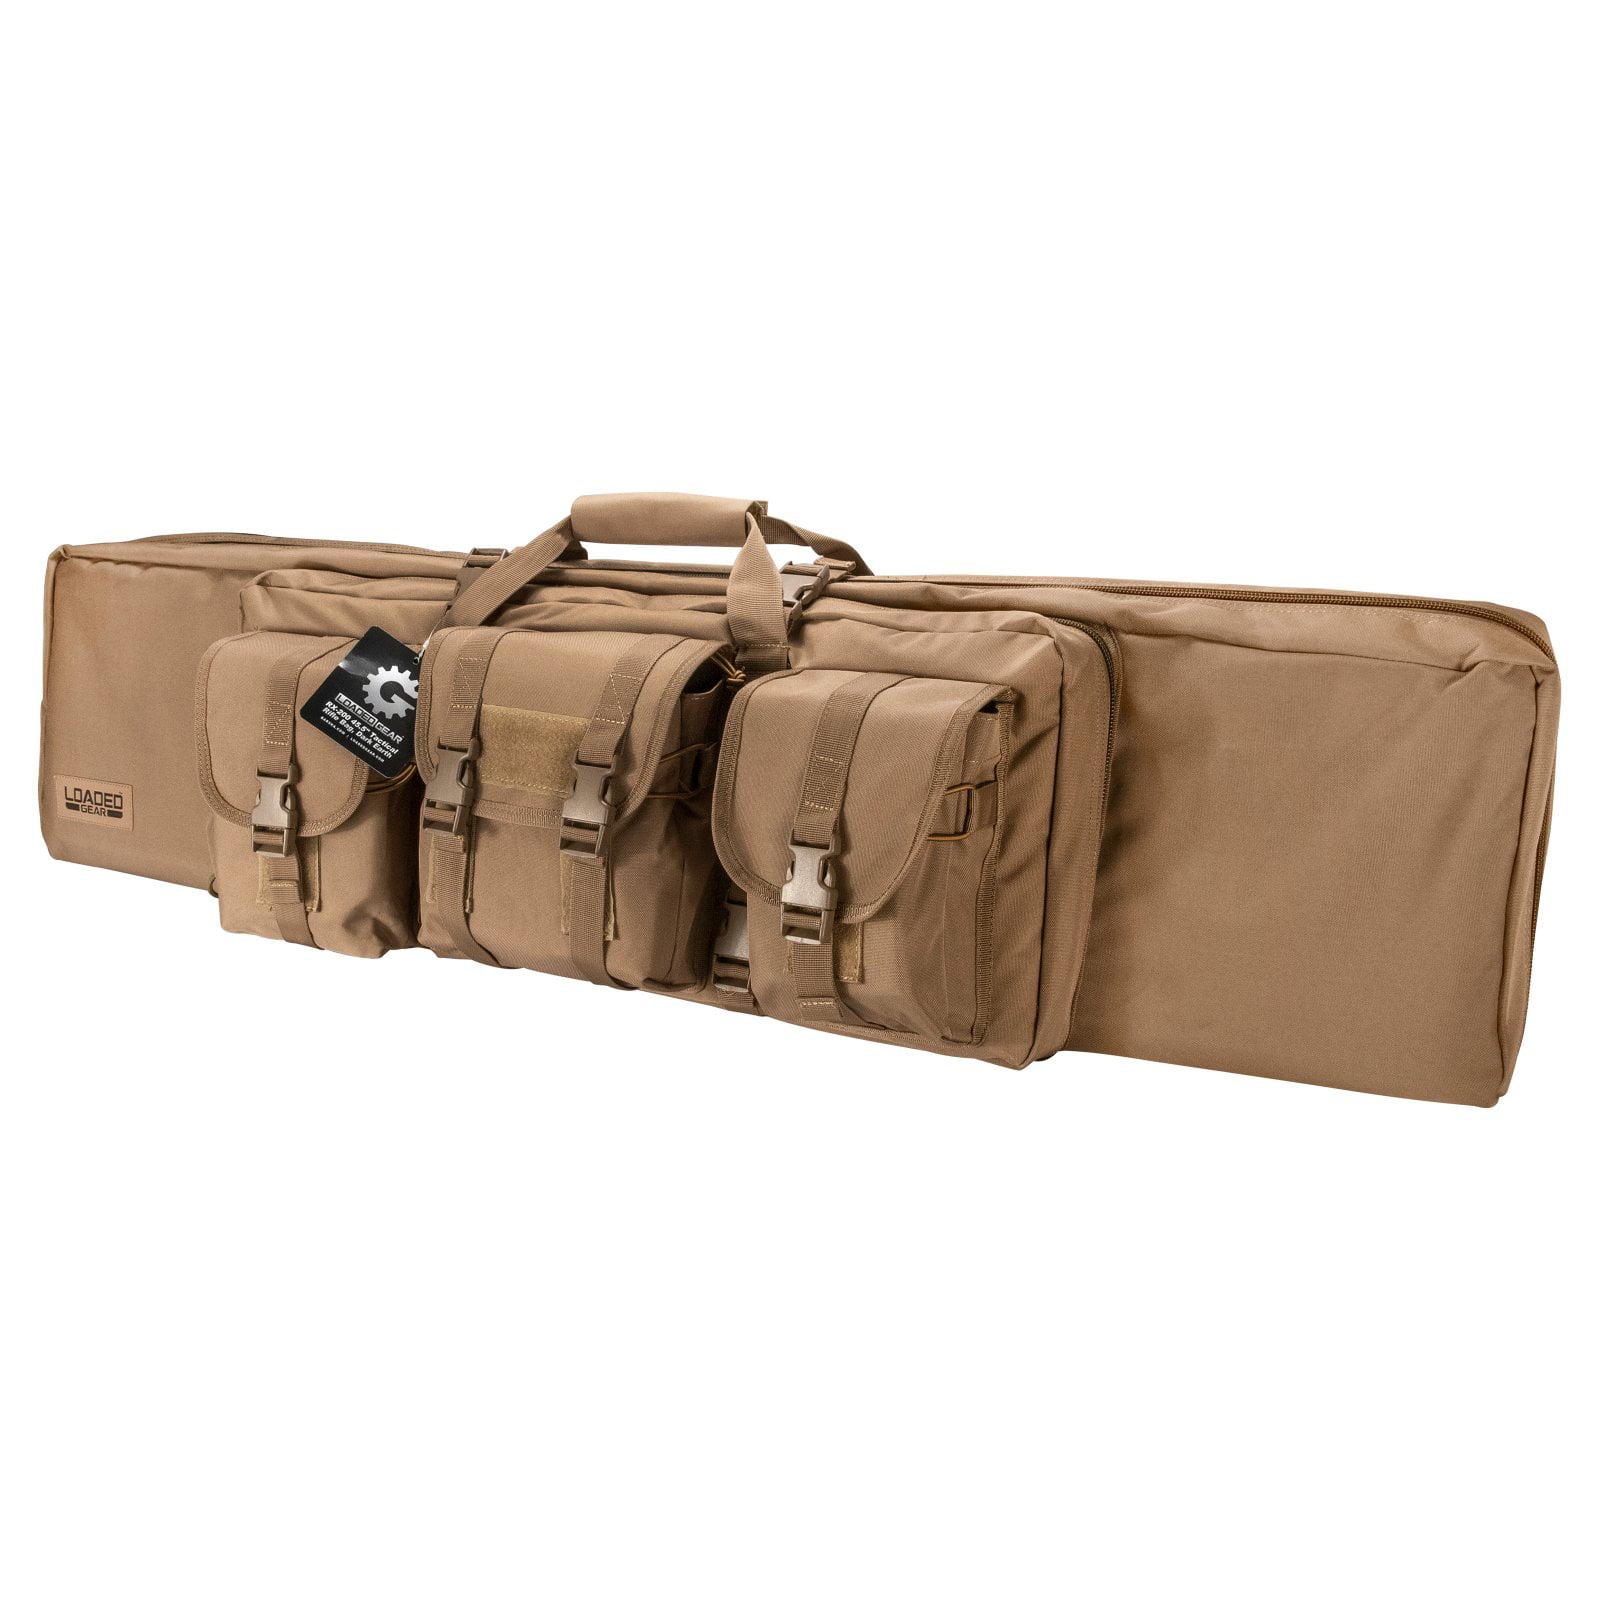 """Barska Optics Loaded Gear RX-200 45.5"""" Tactical Rifle Bag, Tan"""